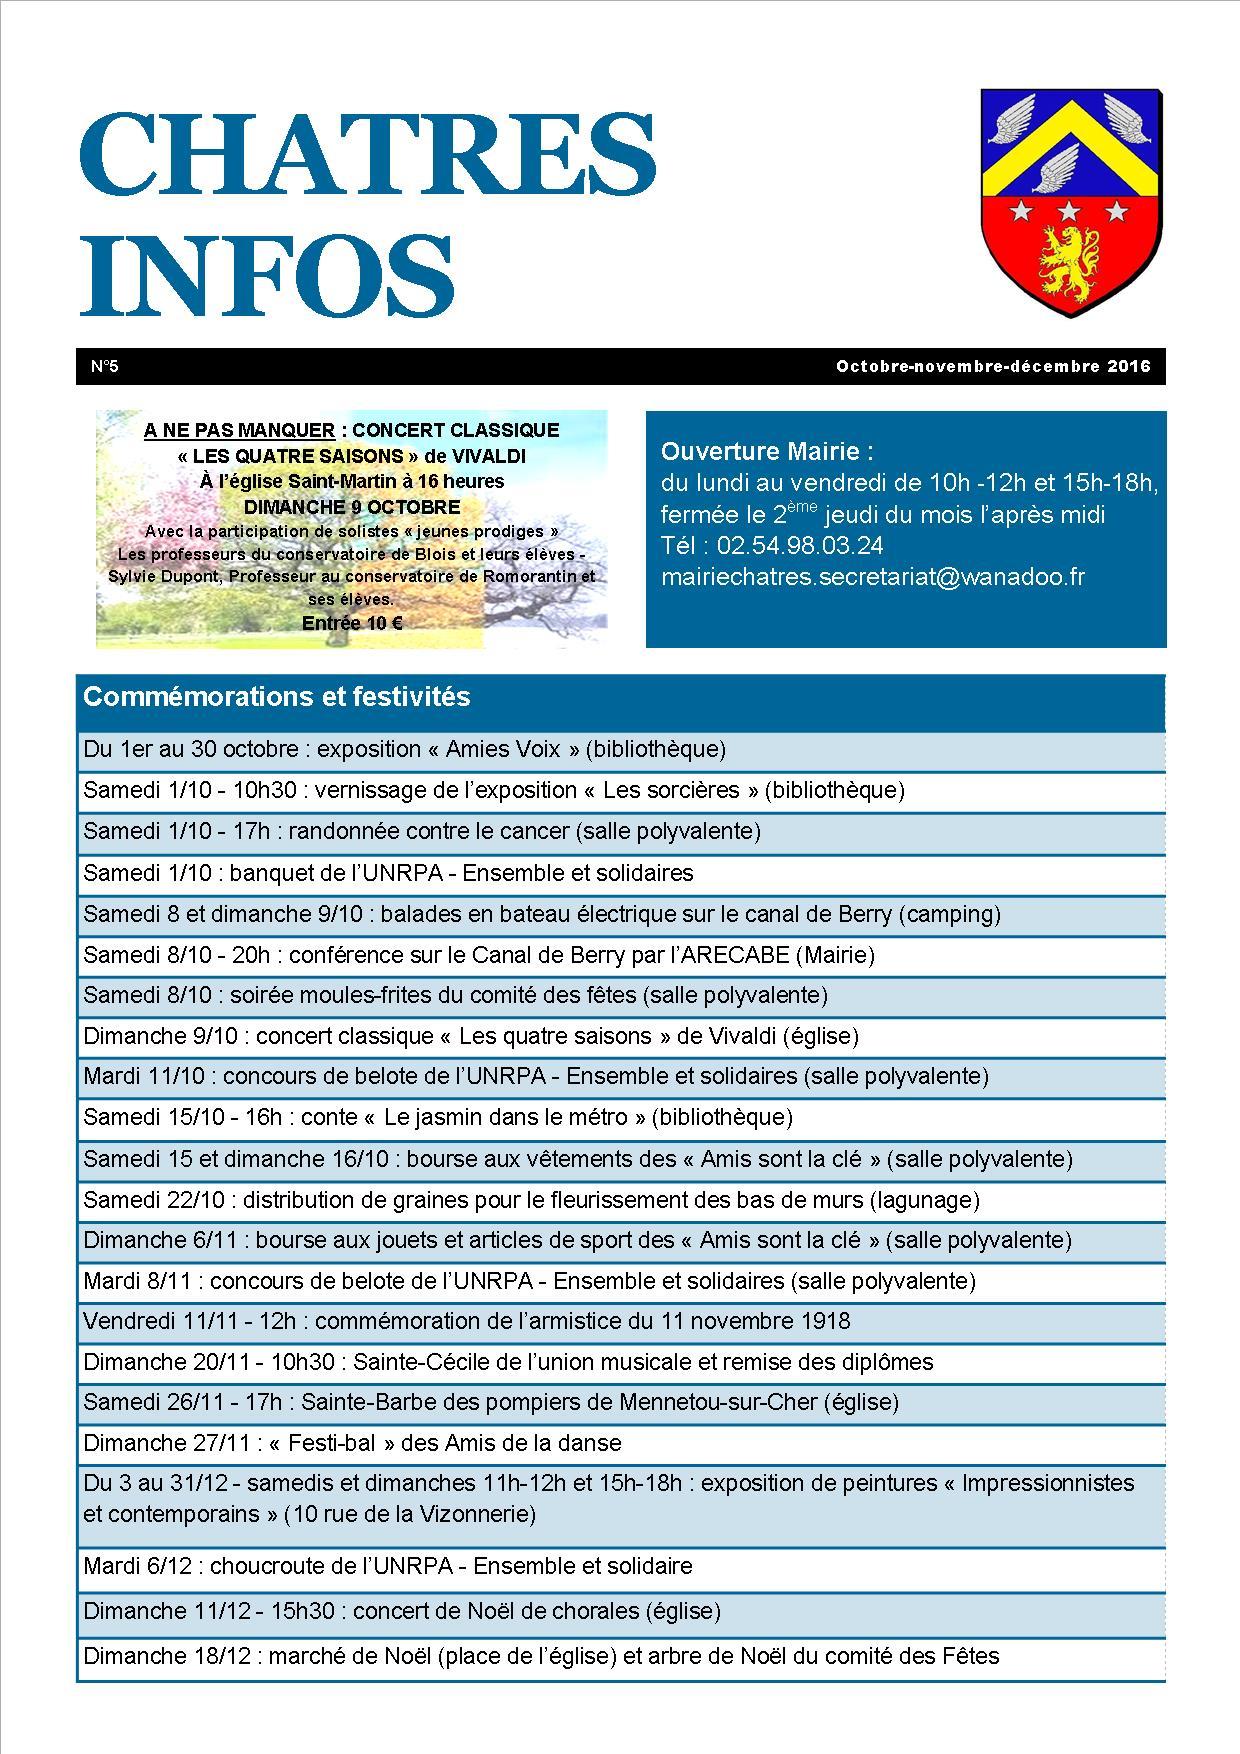 chatres-infos-5